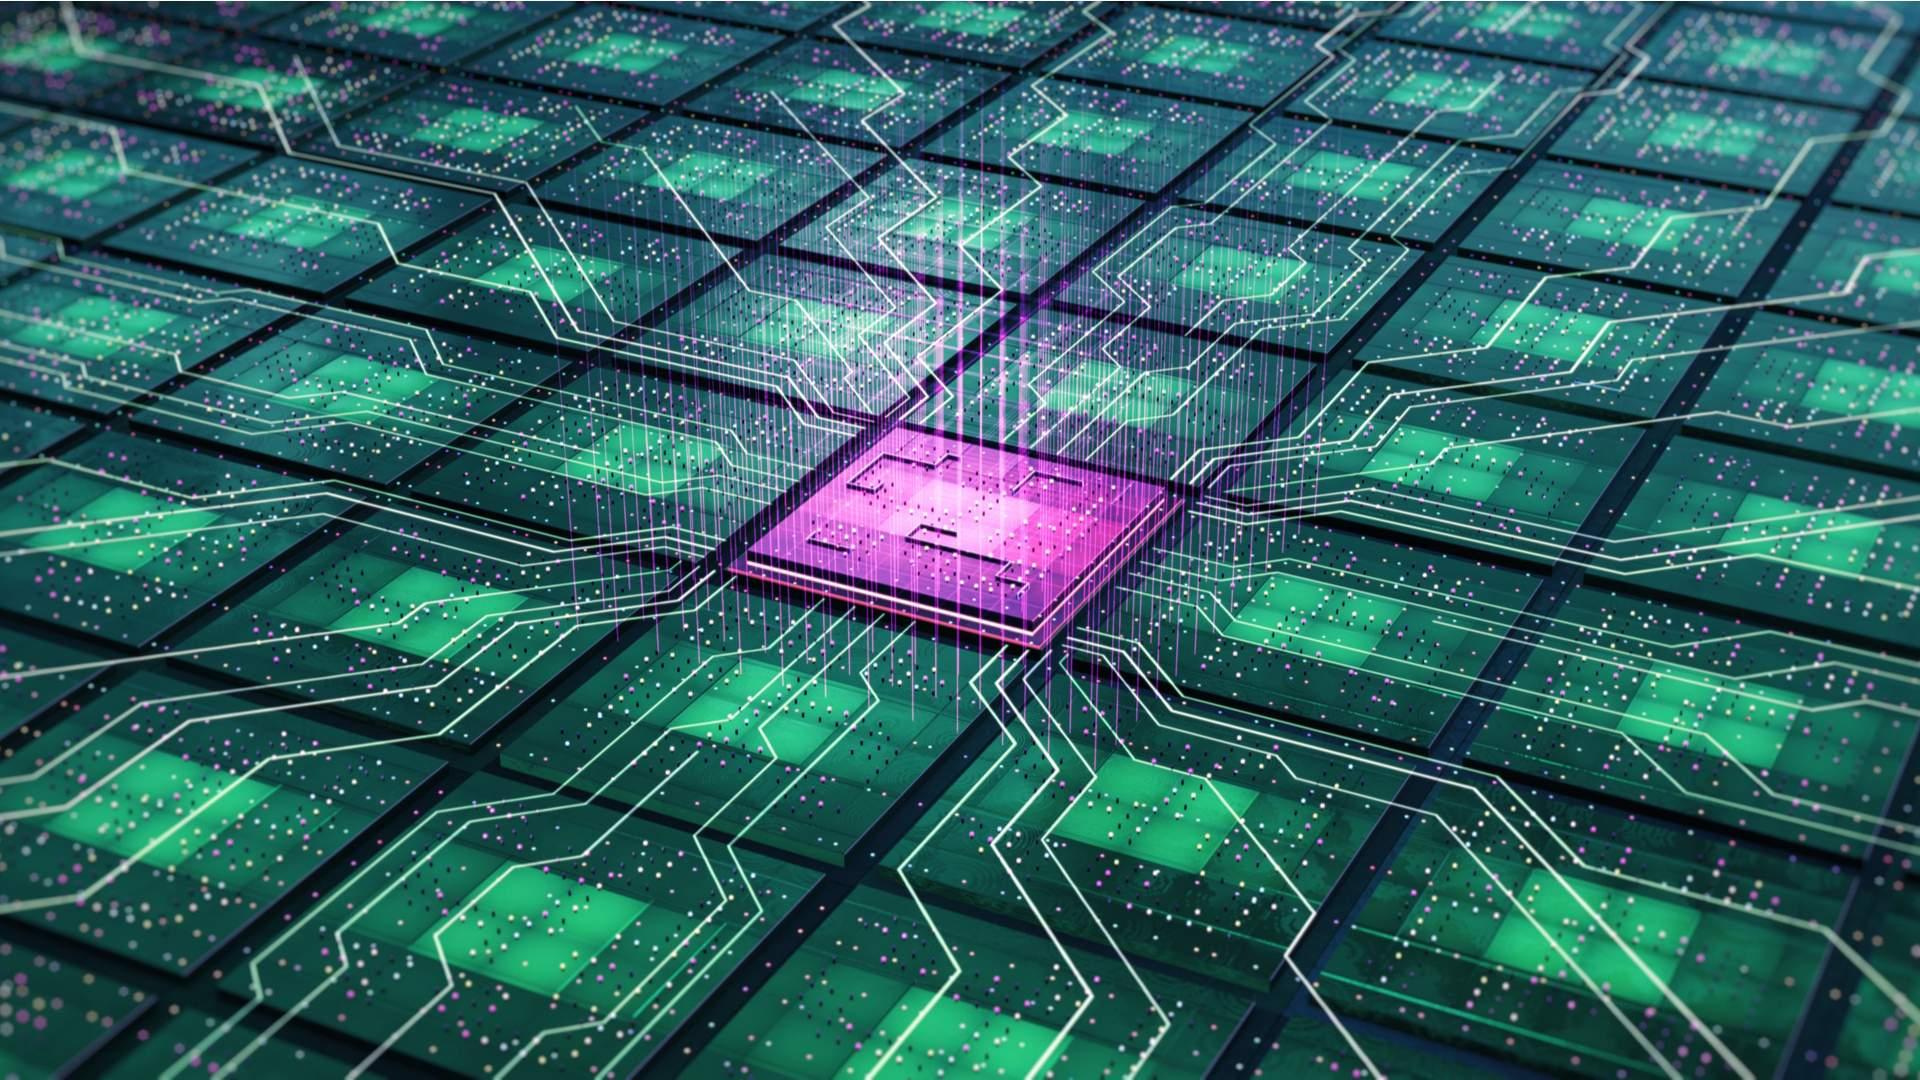 O processador é o responsável por agilizar o processamento dos dados usados em seu trabalho (Fonte: Shutterstock/yucelyiulmaz)